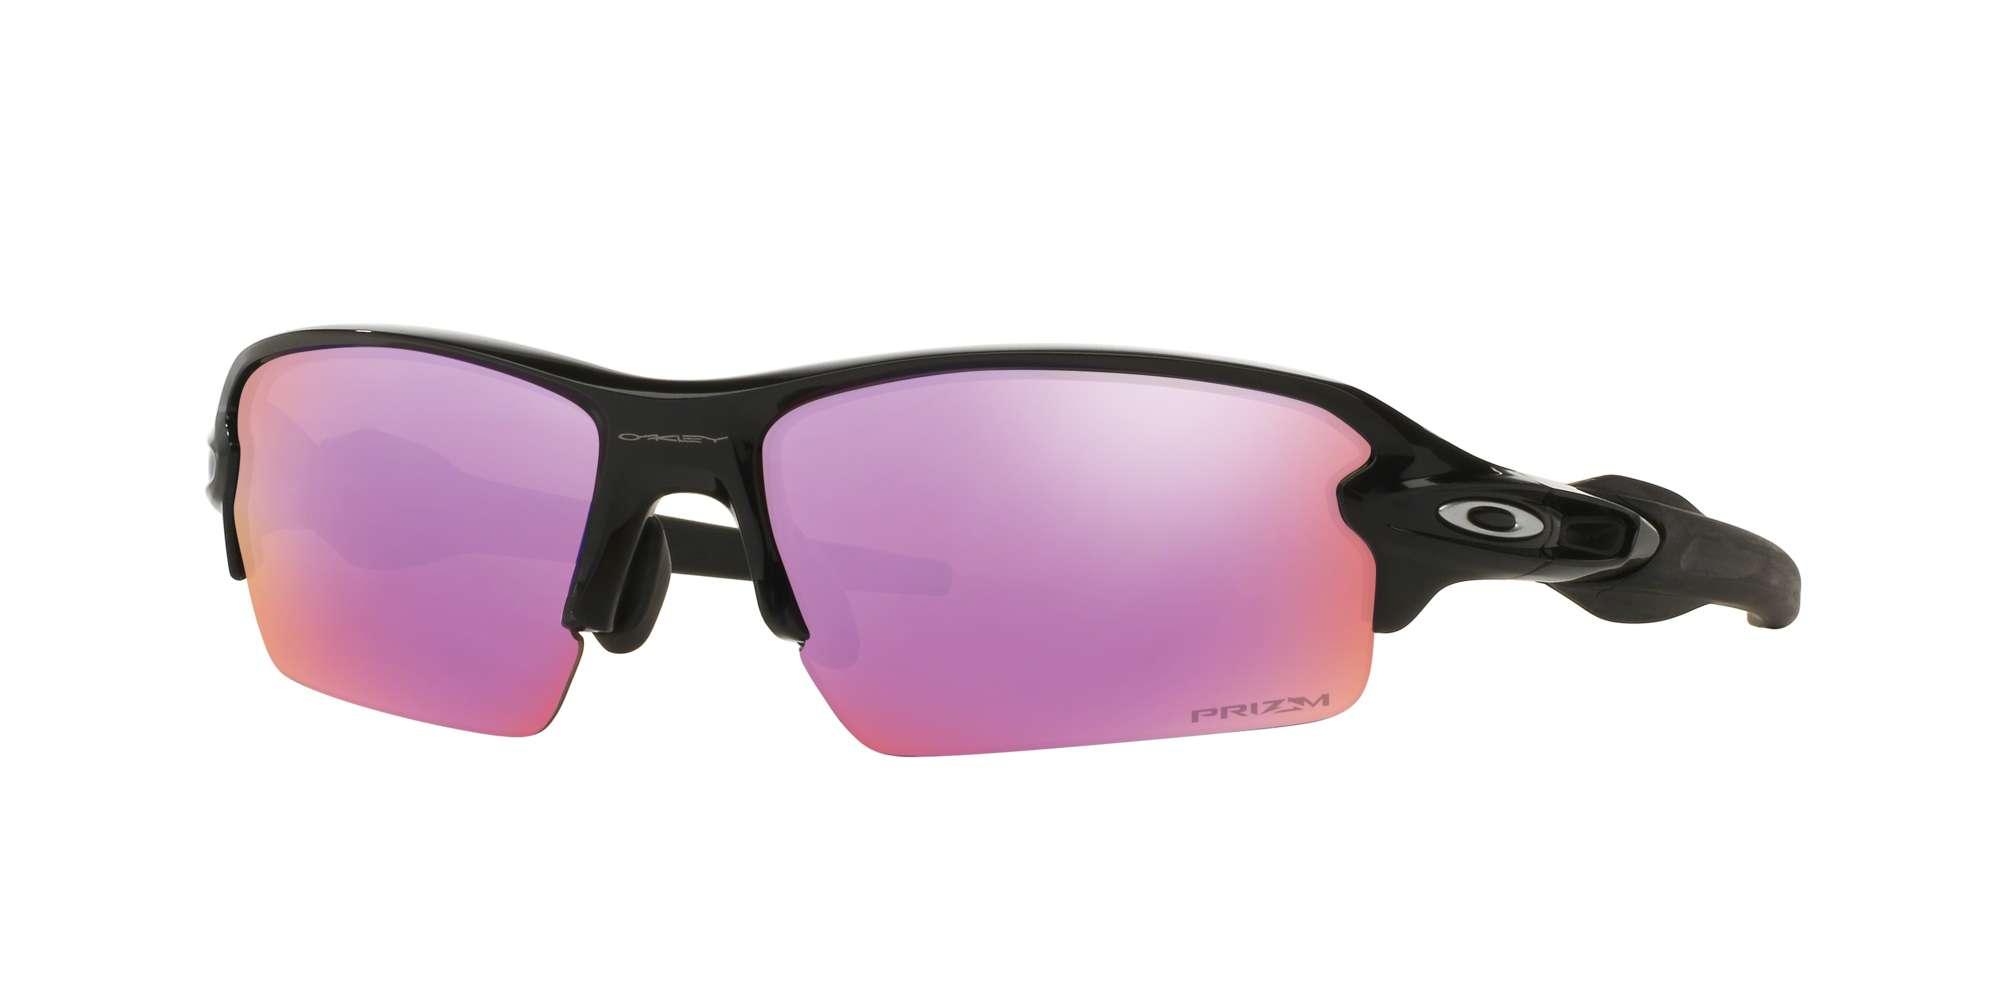 POLISHED BLACK / Prizm Golf lenses